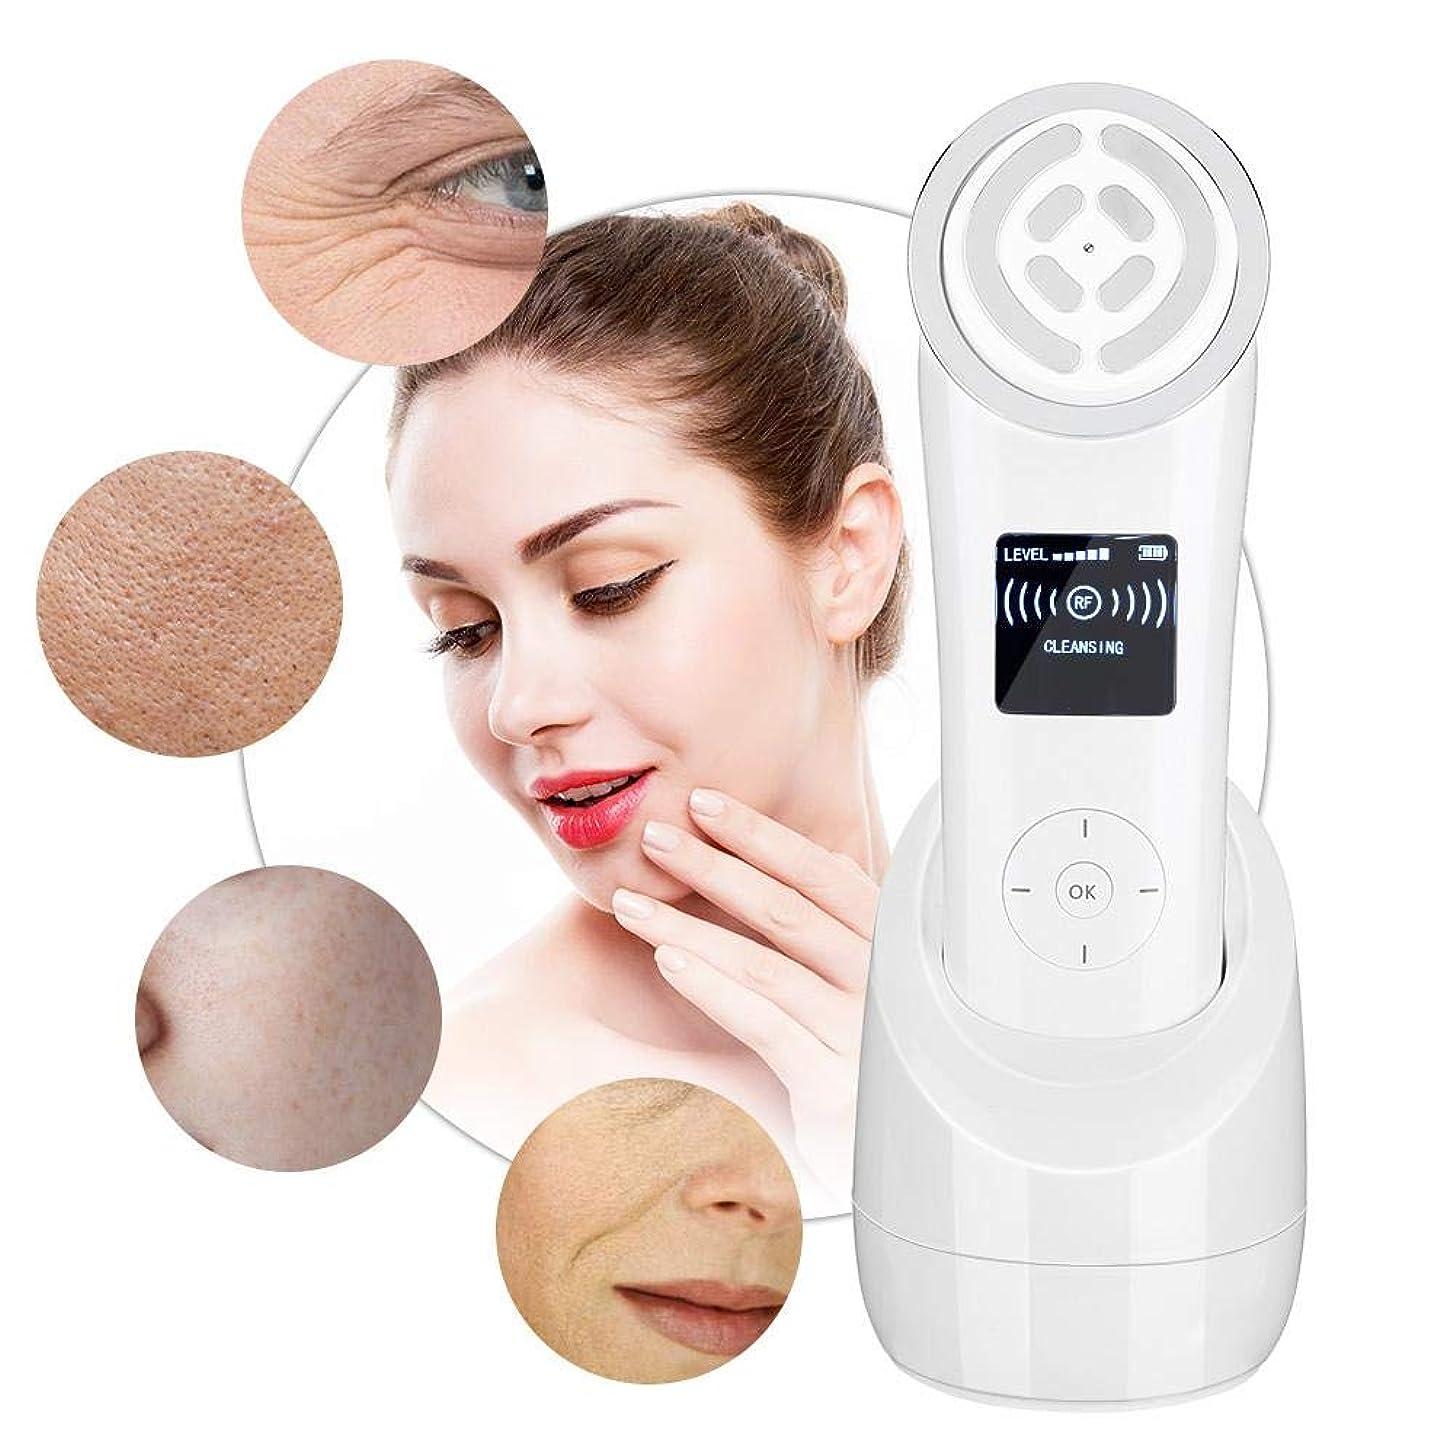 遊具有害な蜜顔の美しさのマシン - RF周波数アンチエイジングアンチリンクル、肌の若返り楽器 - ポータブル若返り肌がEMS筋肉刺激を強化(UE)